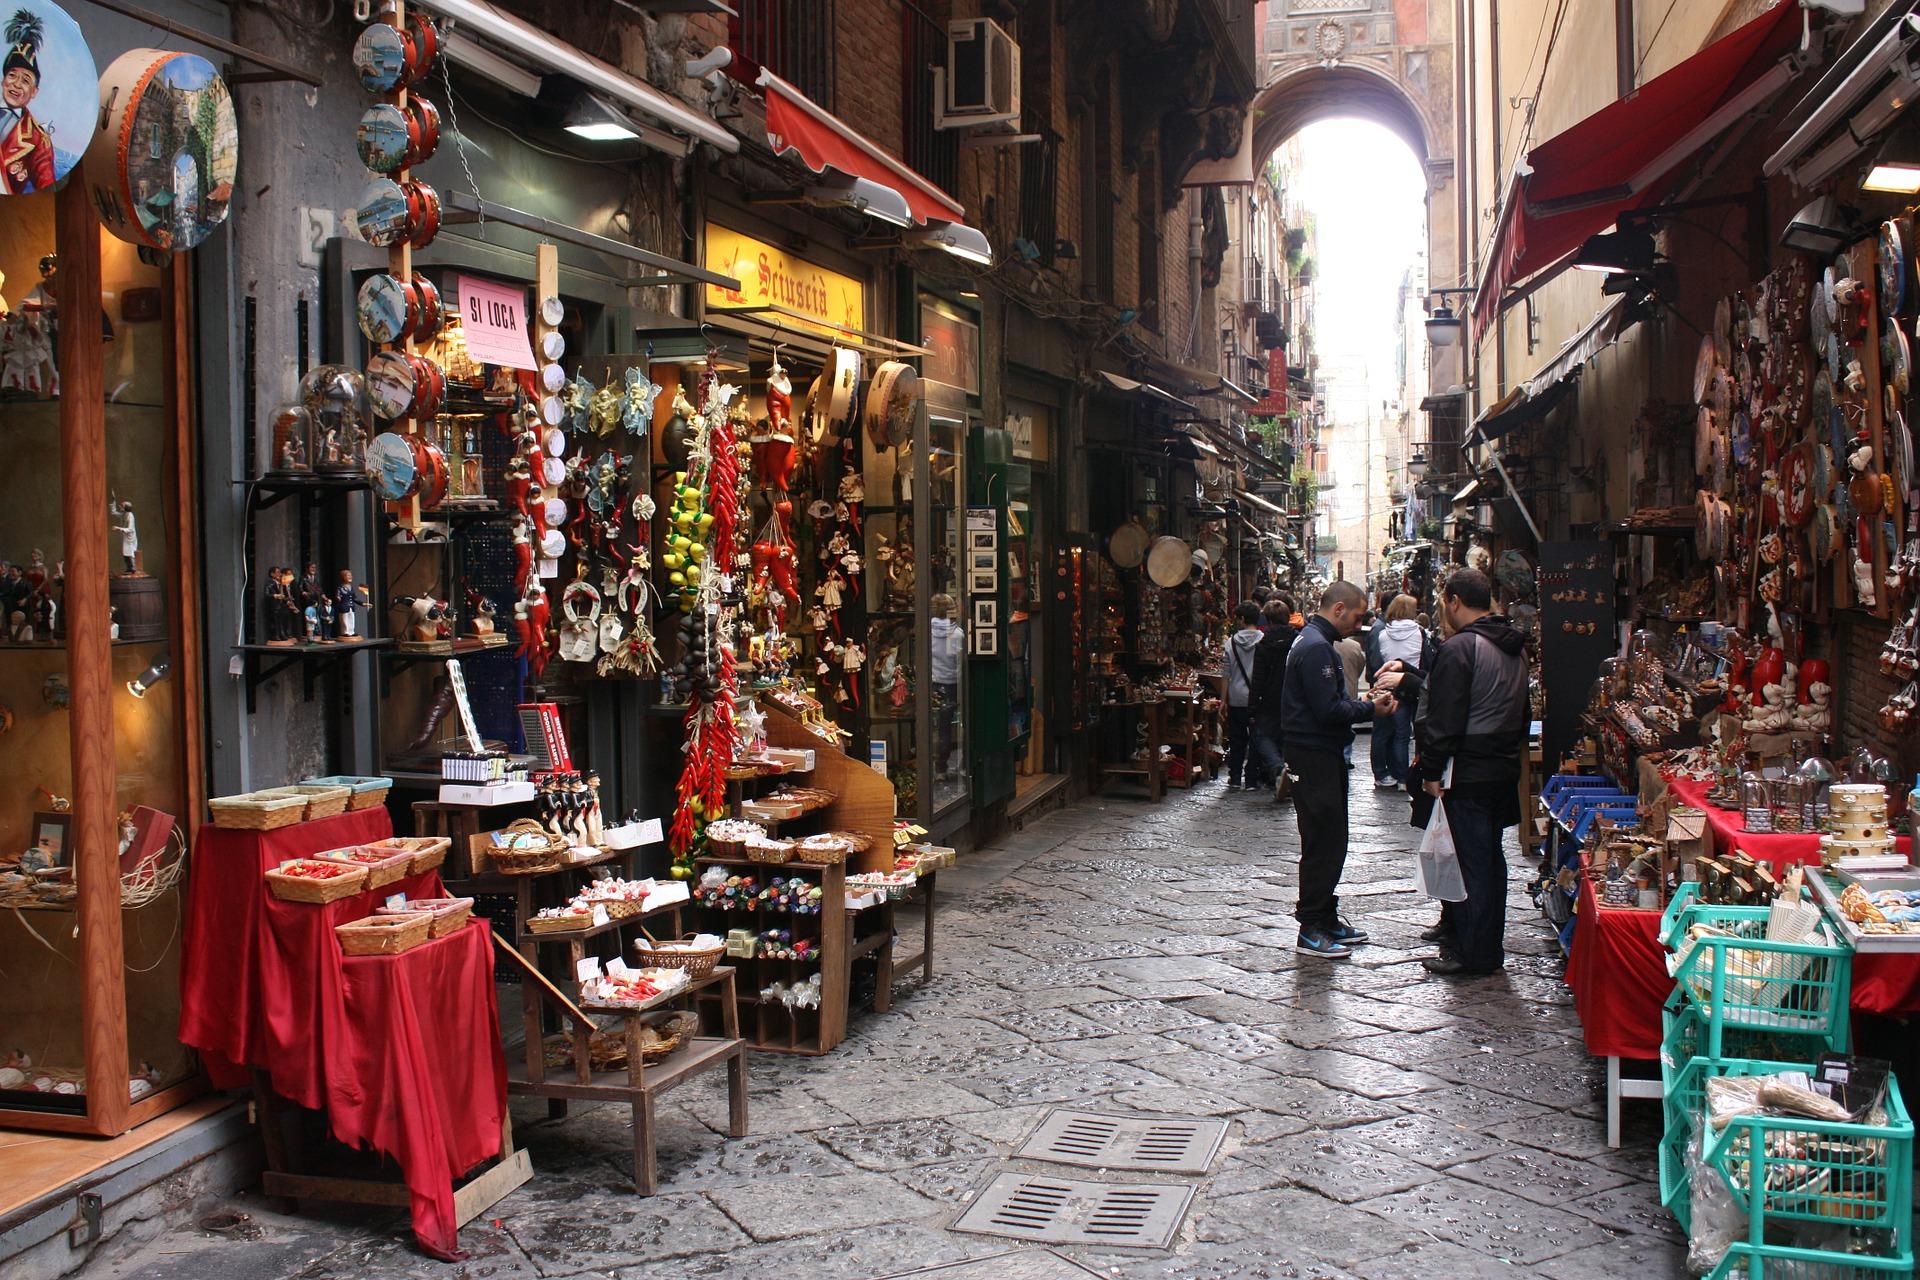 Avvento in Campania